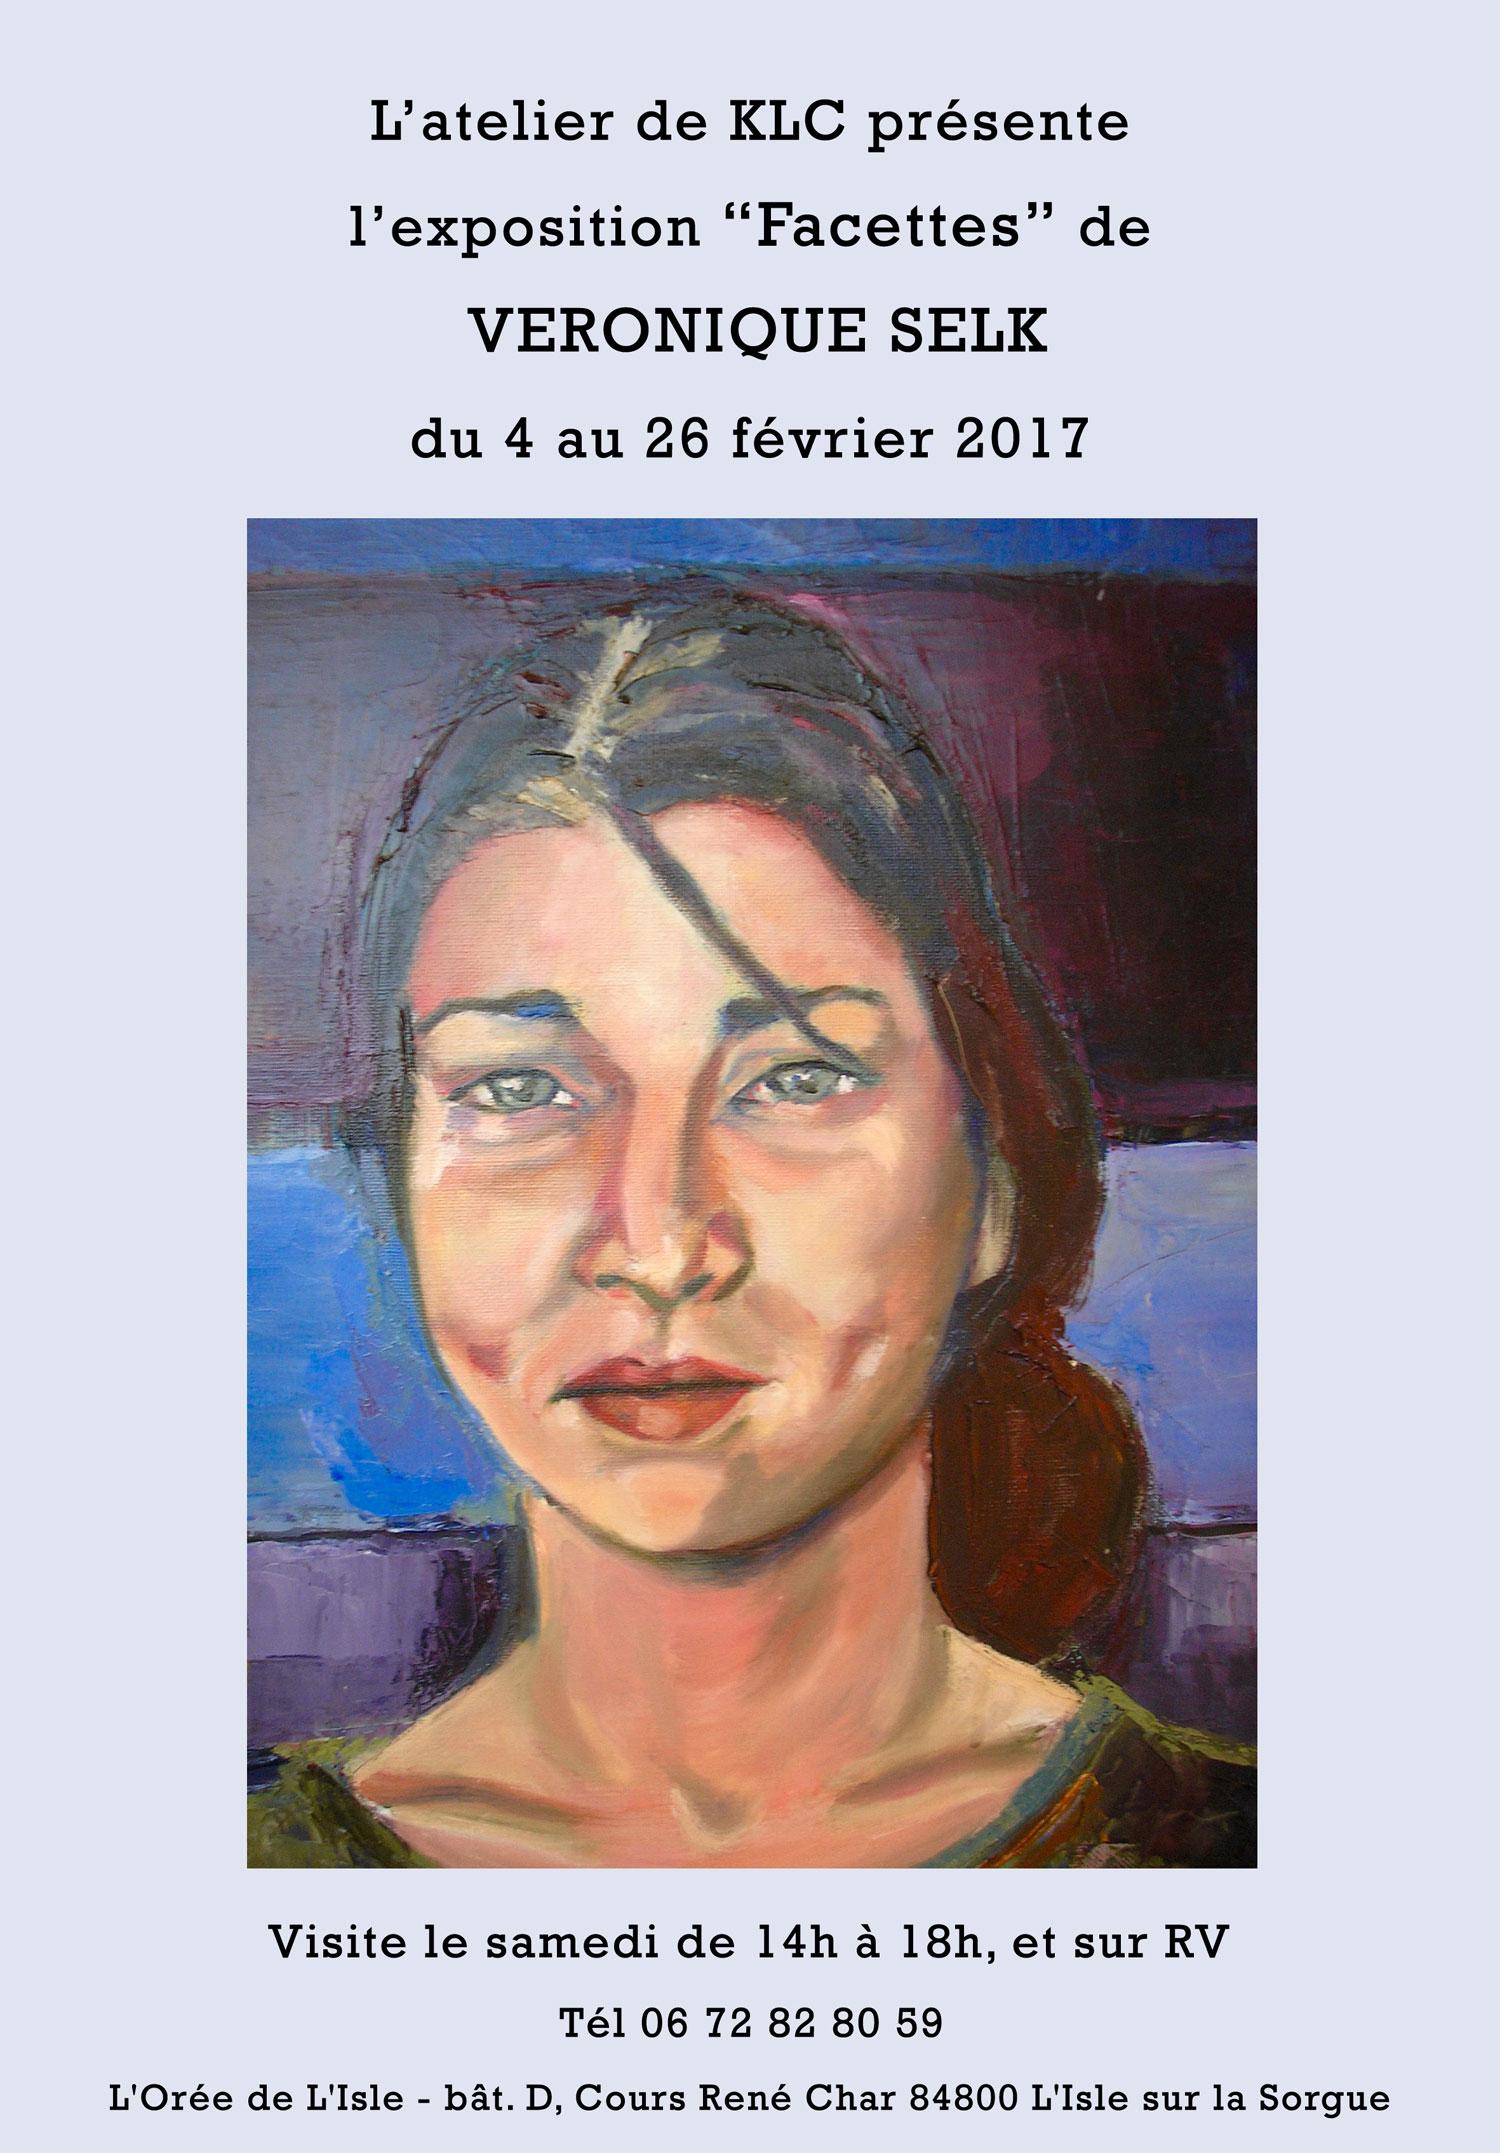 affiche de l'exposition de février 2017 à L'atelier de KLC